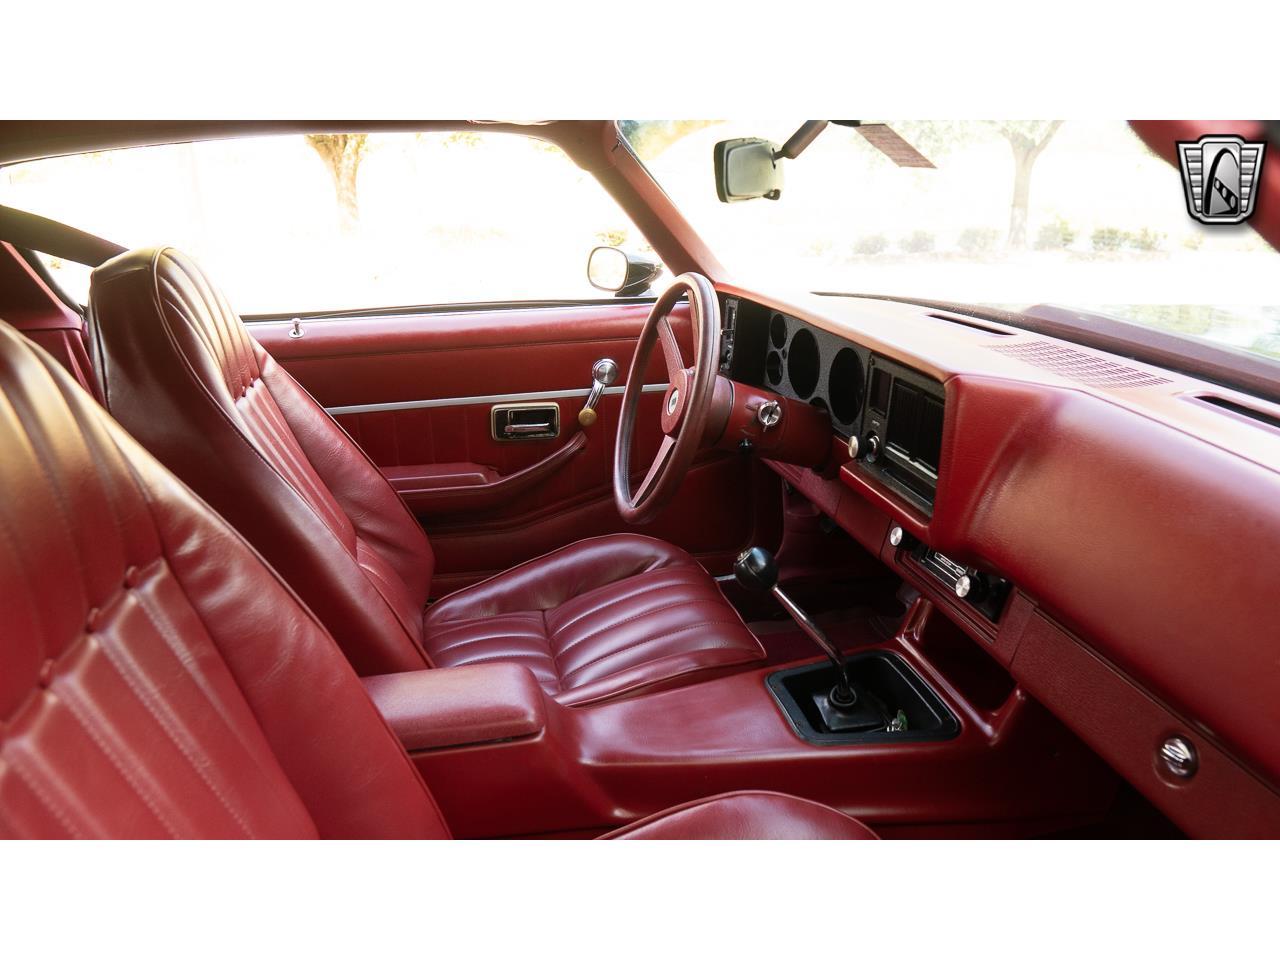 1979 Chevrolet Camaro (CC-1369240) for sale in O'Fallon, Illinois